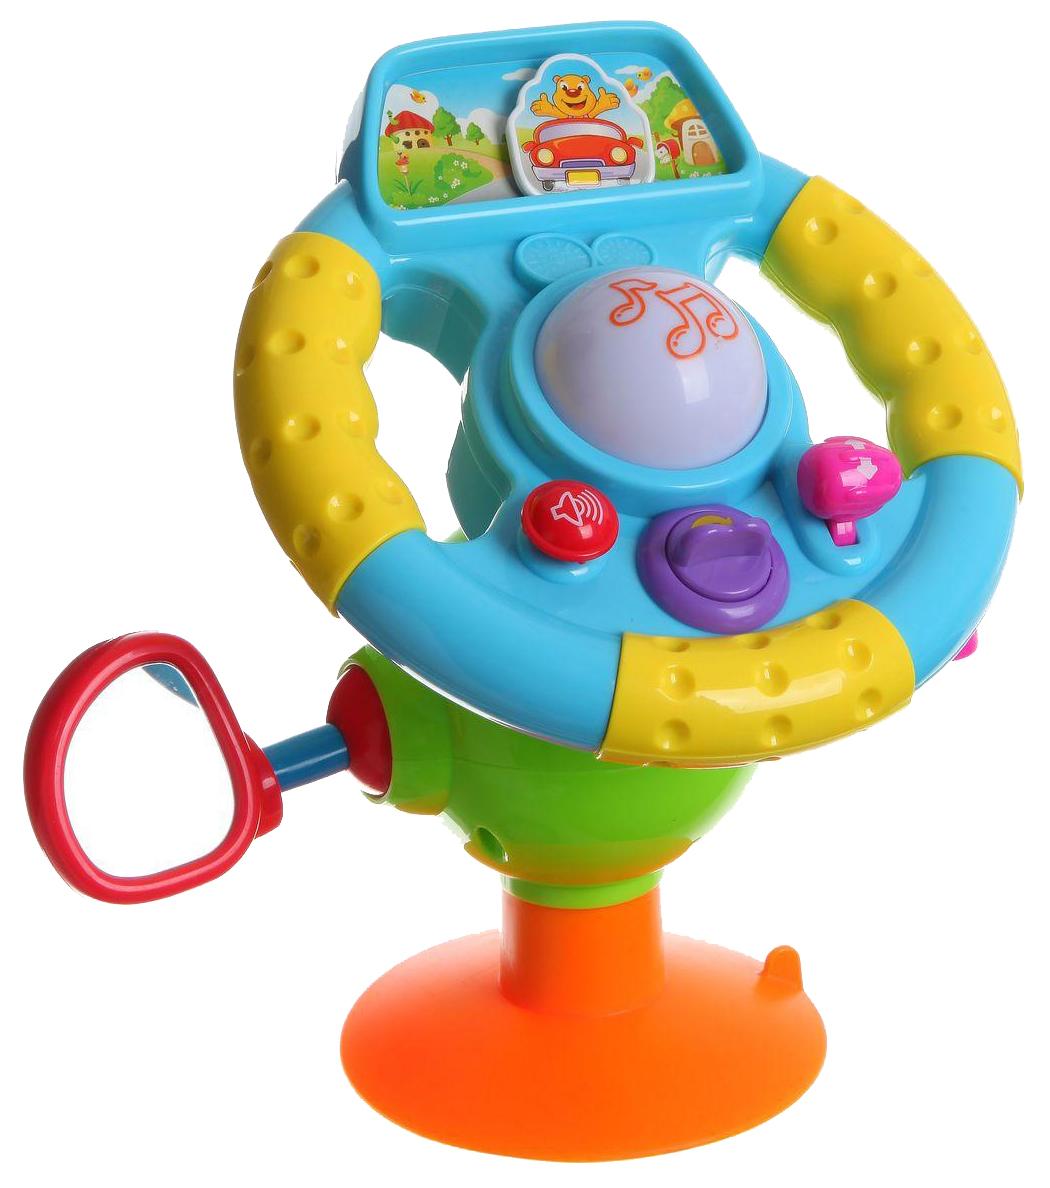 картинка Развивающая игрушка PLAYSMART Веселый шофер со звуковыми и световыми эффектами от магазина Bebikam.ru